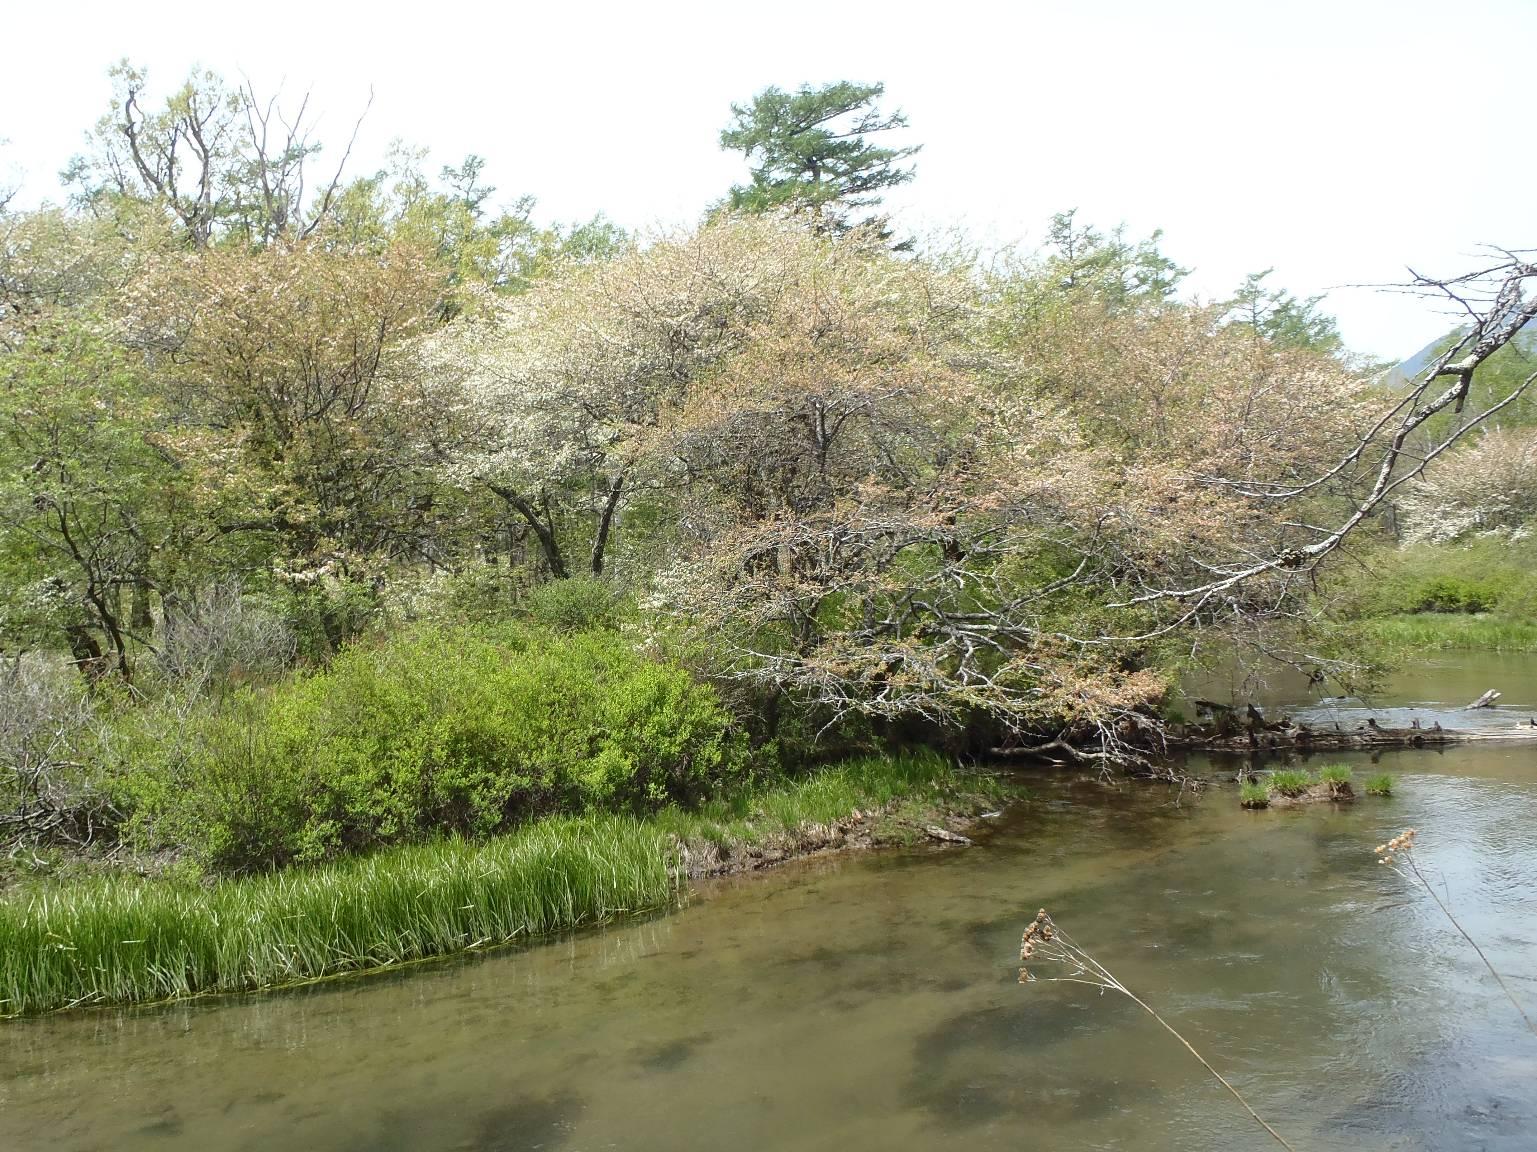 2018/05/26湯川に